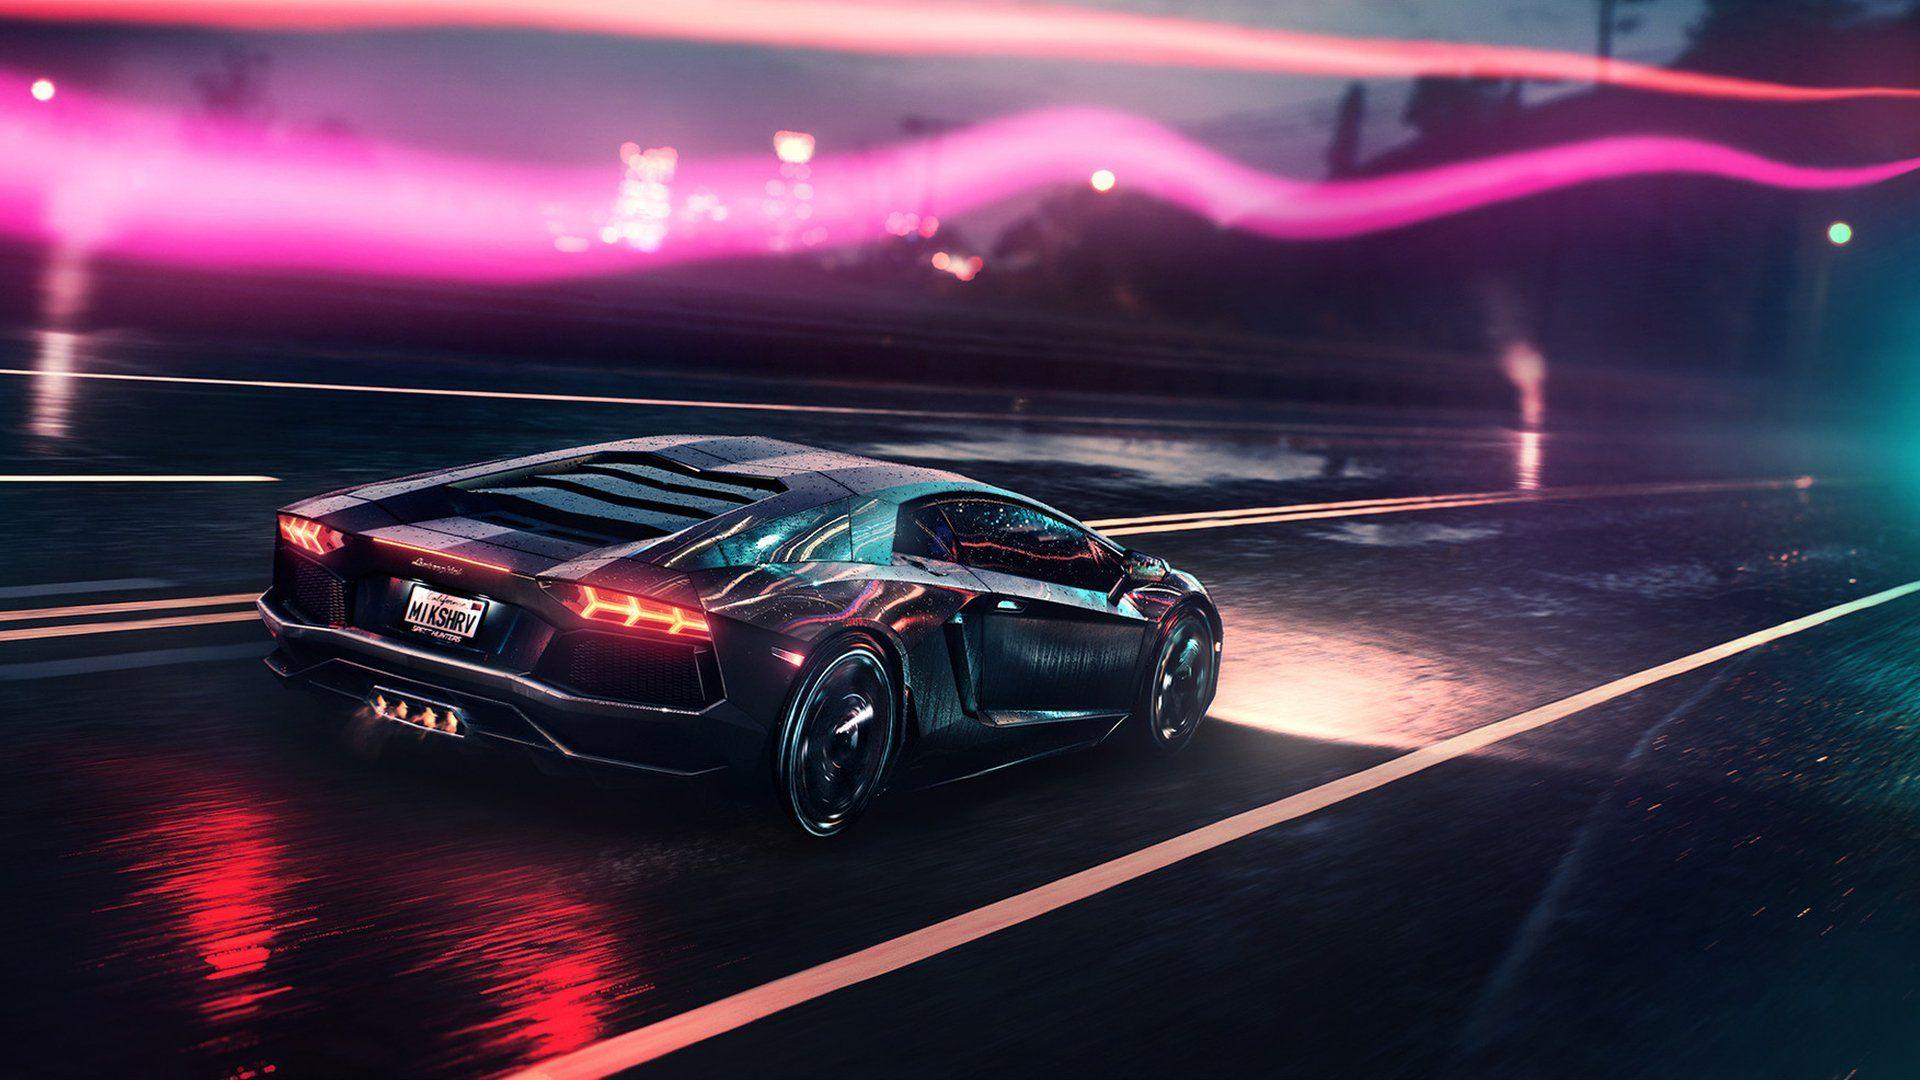 Vehicles Lamborghini Aventador Lamborghini Car Vehicle Artistic Night Sport Car Supercar Wallpaper Lamborghini Aventador Lamborghini Voiture